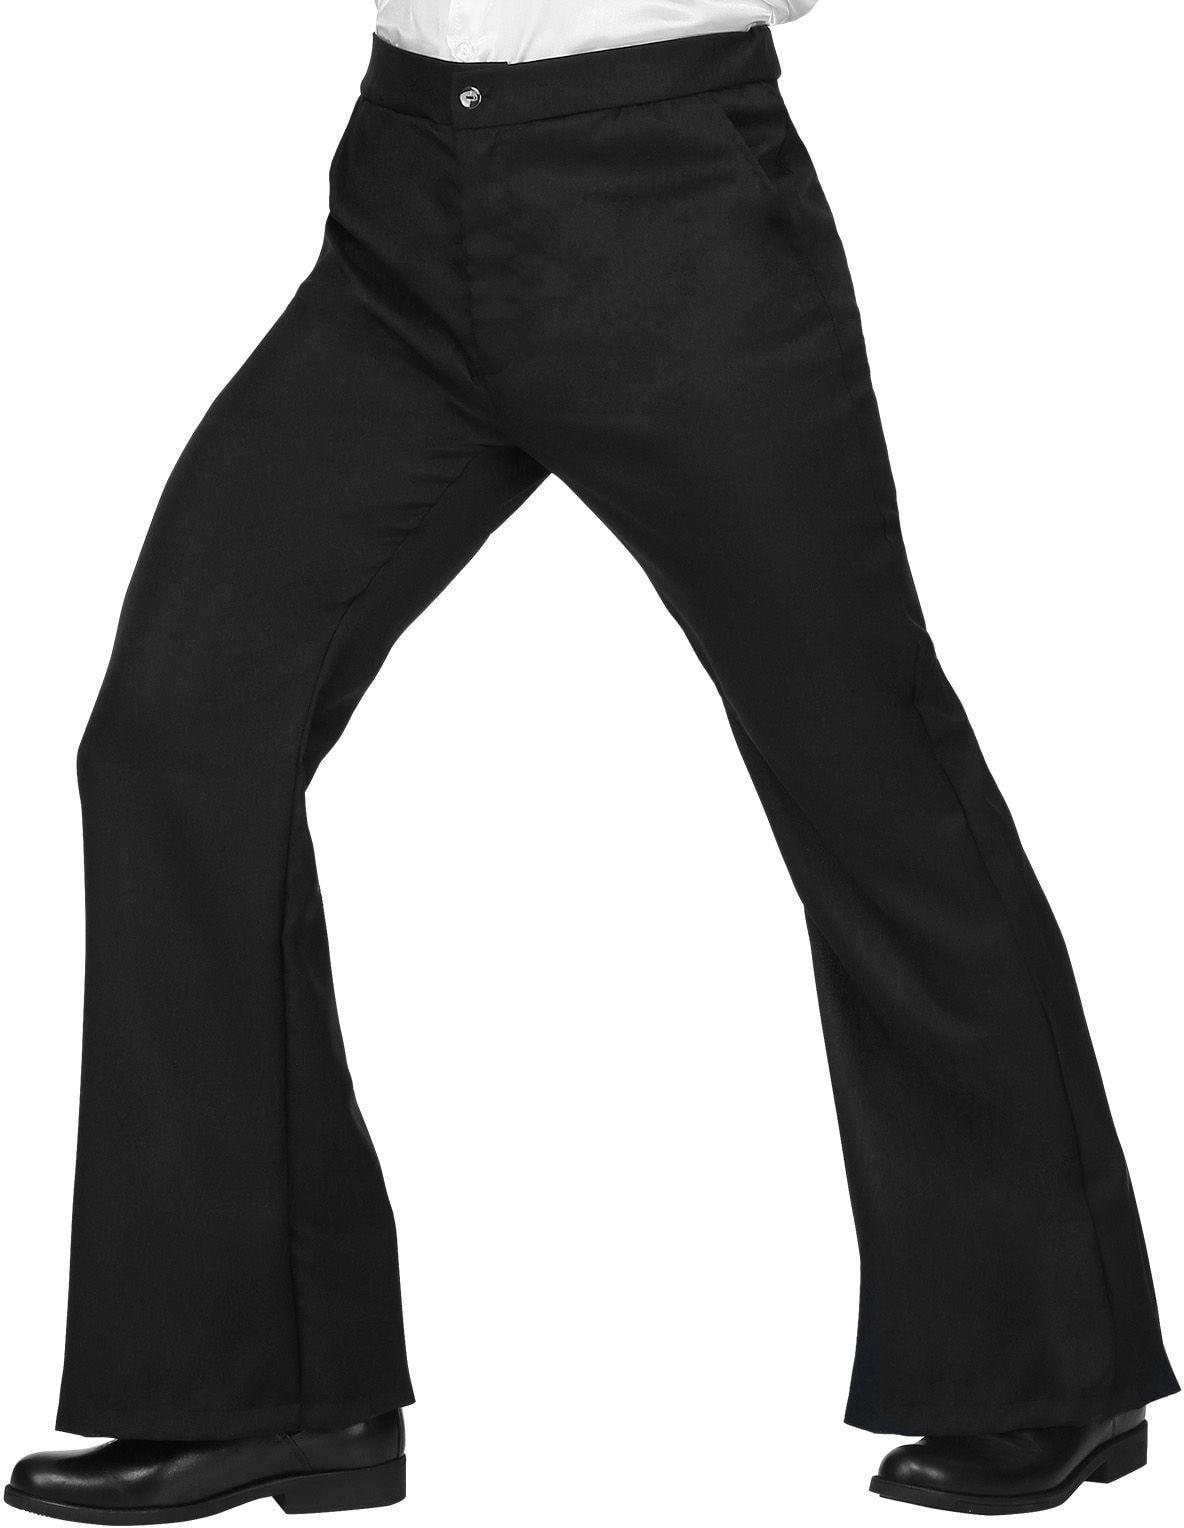 70s broek zwart man